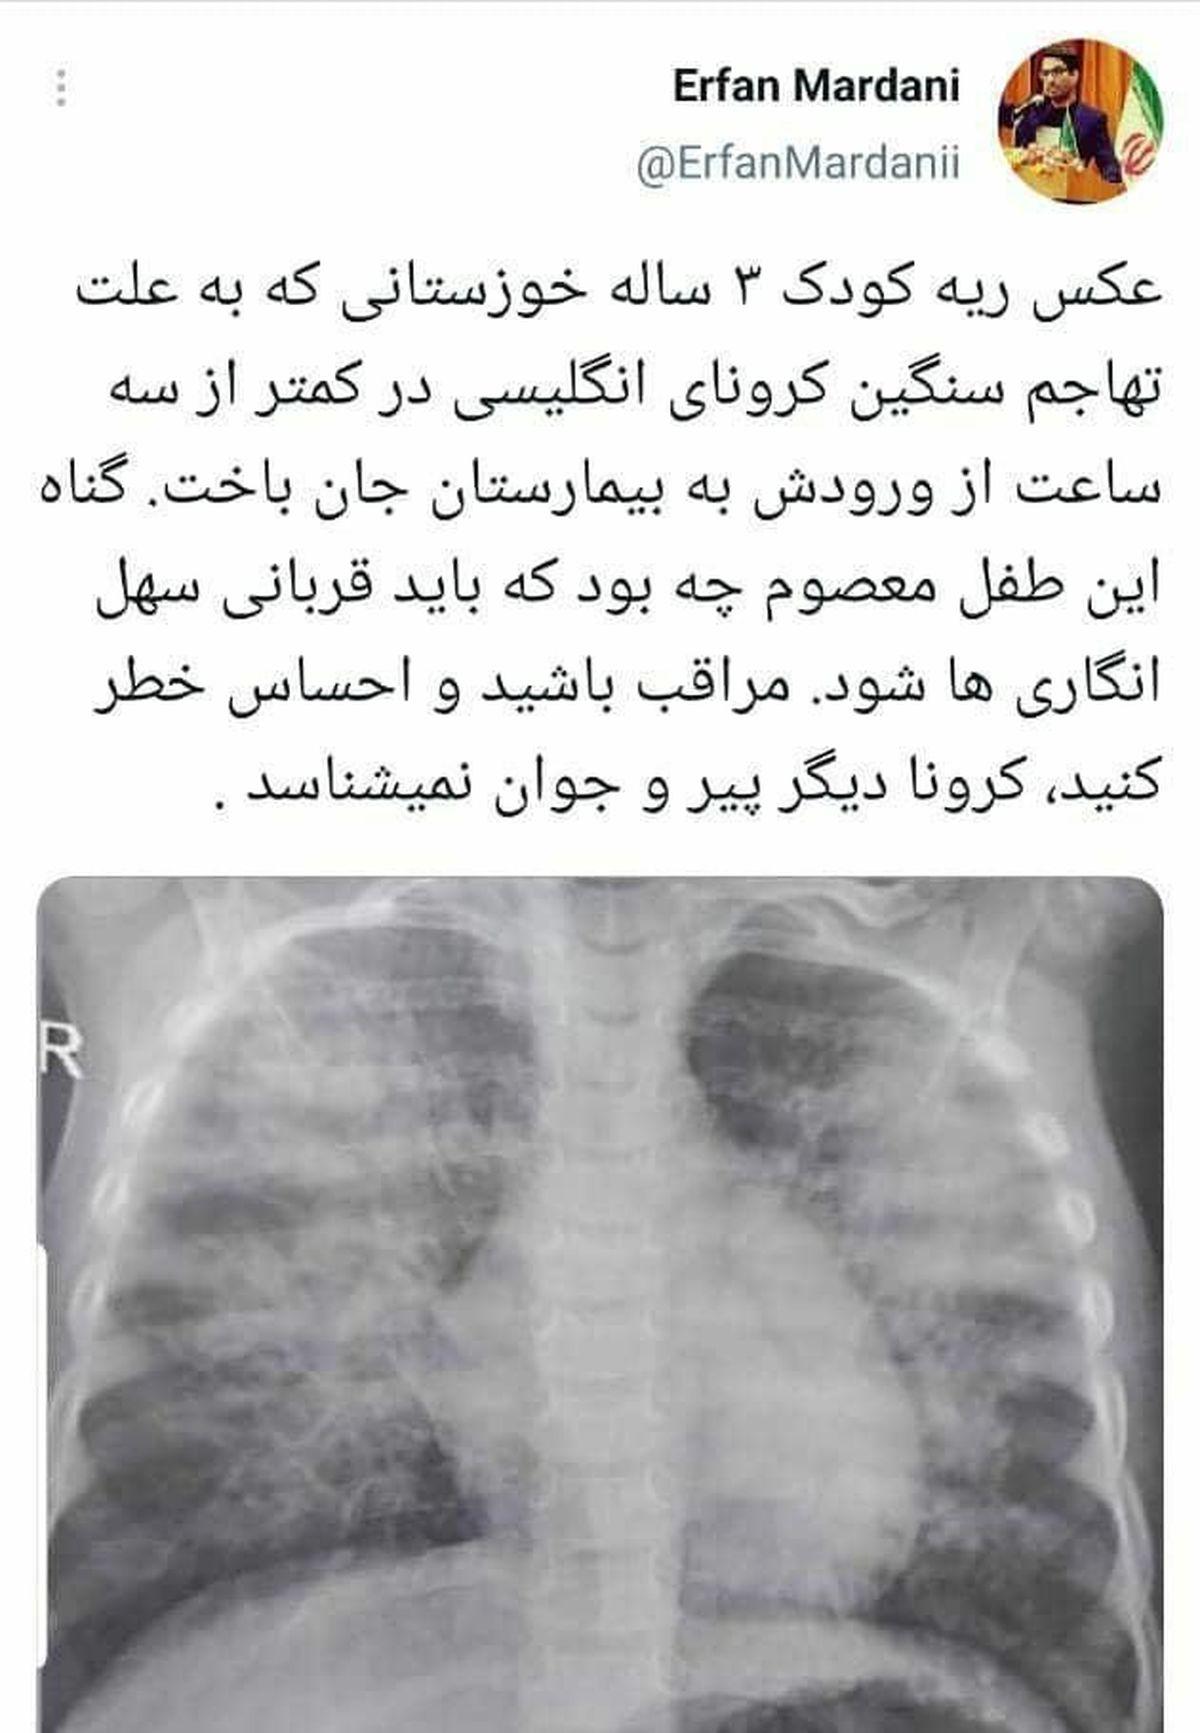 کودک ۳ ساله مبتلا به کرونا در خوزستان، کمتر از ۳ ساعت پس از رسیدن به بیمارستان جان باخت